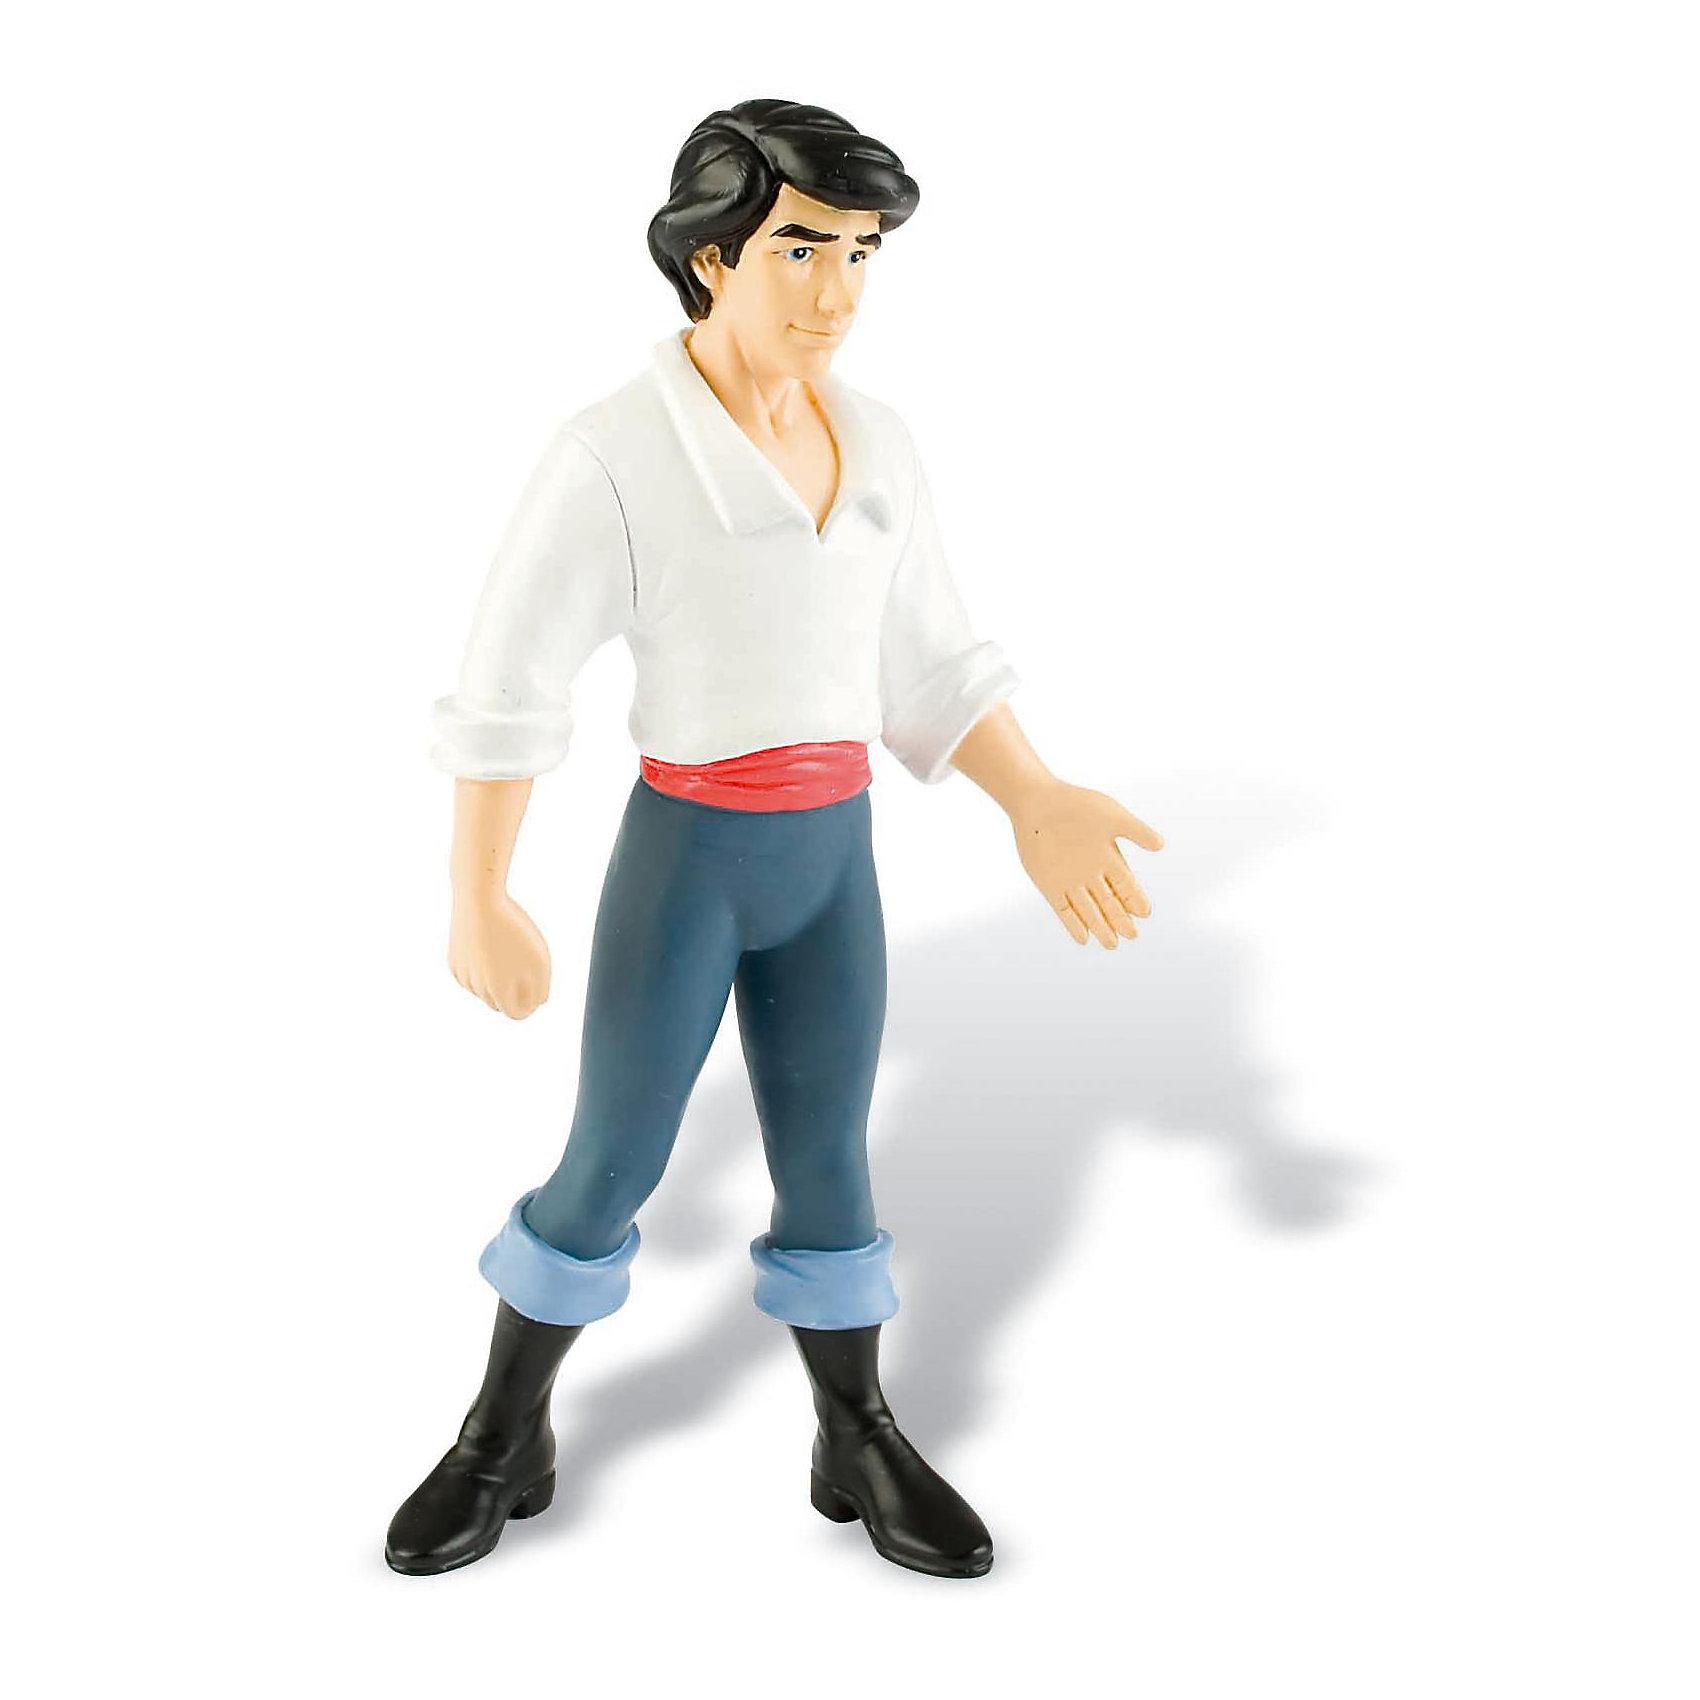 Фигурка Эрик,  DisneyФигурка принца Эрика из мультфильма Уолта Диснея «Русалочка». Главный герой сказки, возлюбленный Ариэль, принц Эрик. Смелый и отважный, положительный герой, любимец маленьких принцесс, он обязательно найдет своих поклонниц. Фигурка принца полностью соответствует персонажу мультфильма. Игрушка выполнена из высококачественных нетоксичных материалов, безопасна для детей. <br><br>Дополнительная информация:<br><br>Размер:11,5см <br>Материал: термопластичный каучук высокого качества. <br> <br>Фигурку Эрик,  Disney можно купить в нашем магазине.<br><br>Ширина мм: 125<br>Глубина мм: 50<br>Высота мм: 40<br>Вес г: 24<br>Возраст от месяцев: 36<br>Возраст до месяцев: 96<br>Пол: Женский<br>Возраст: Детский<br>SKU: 1985023